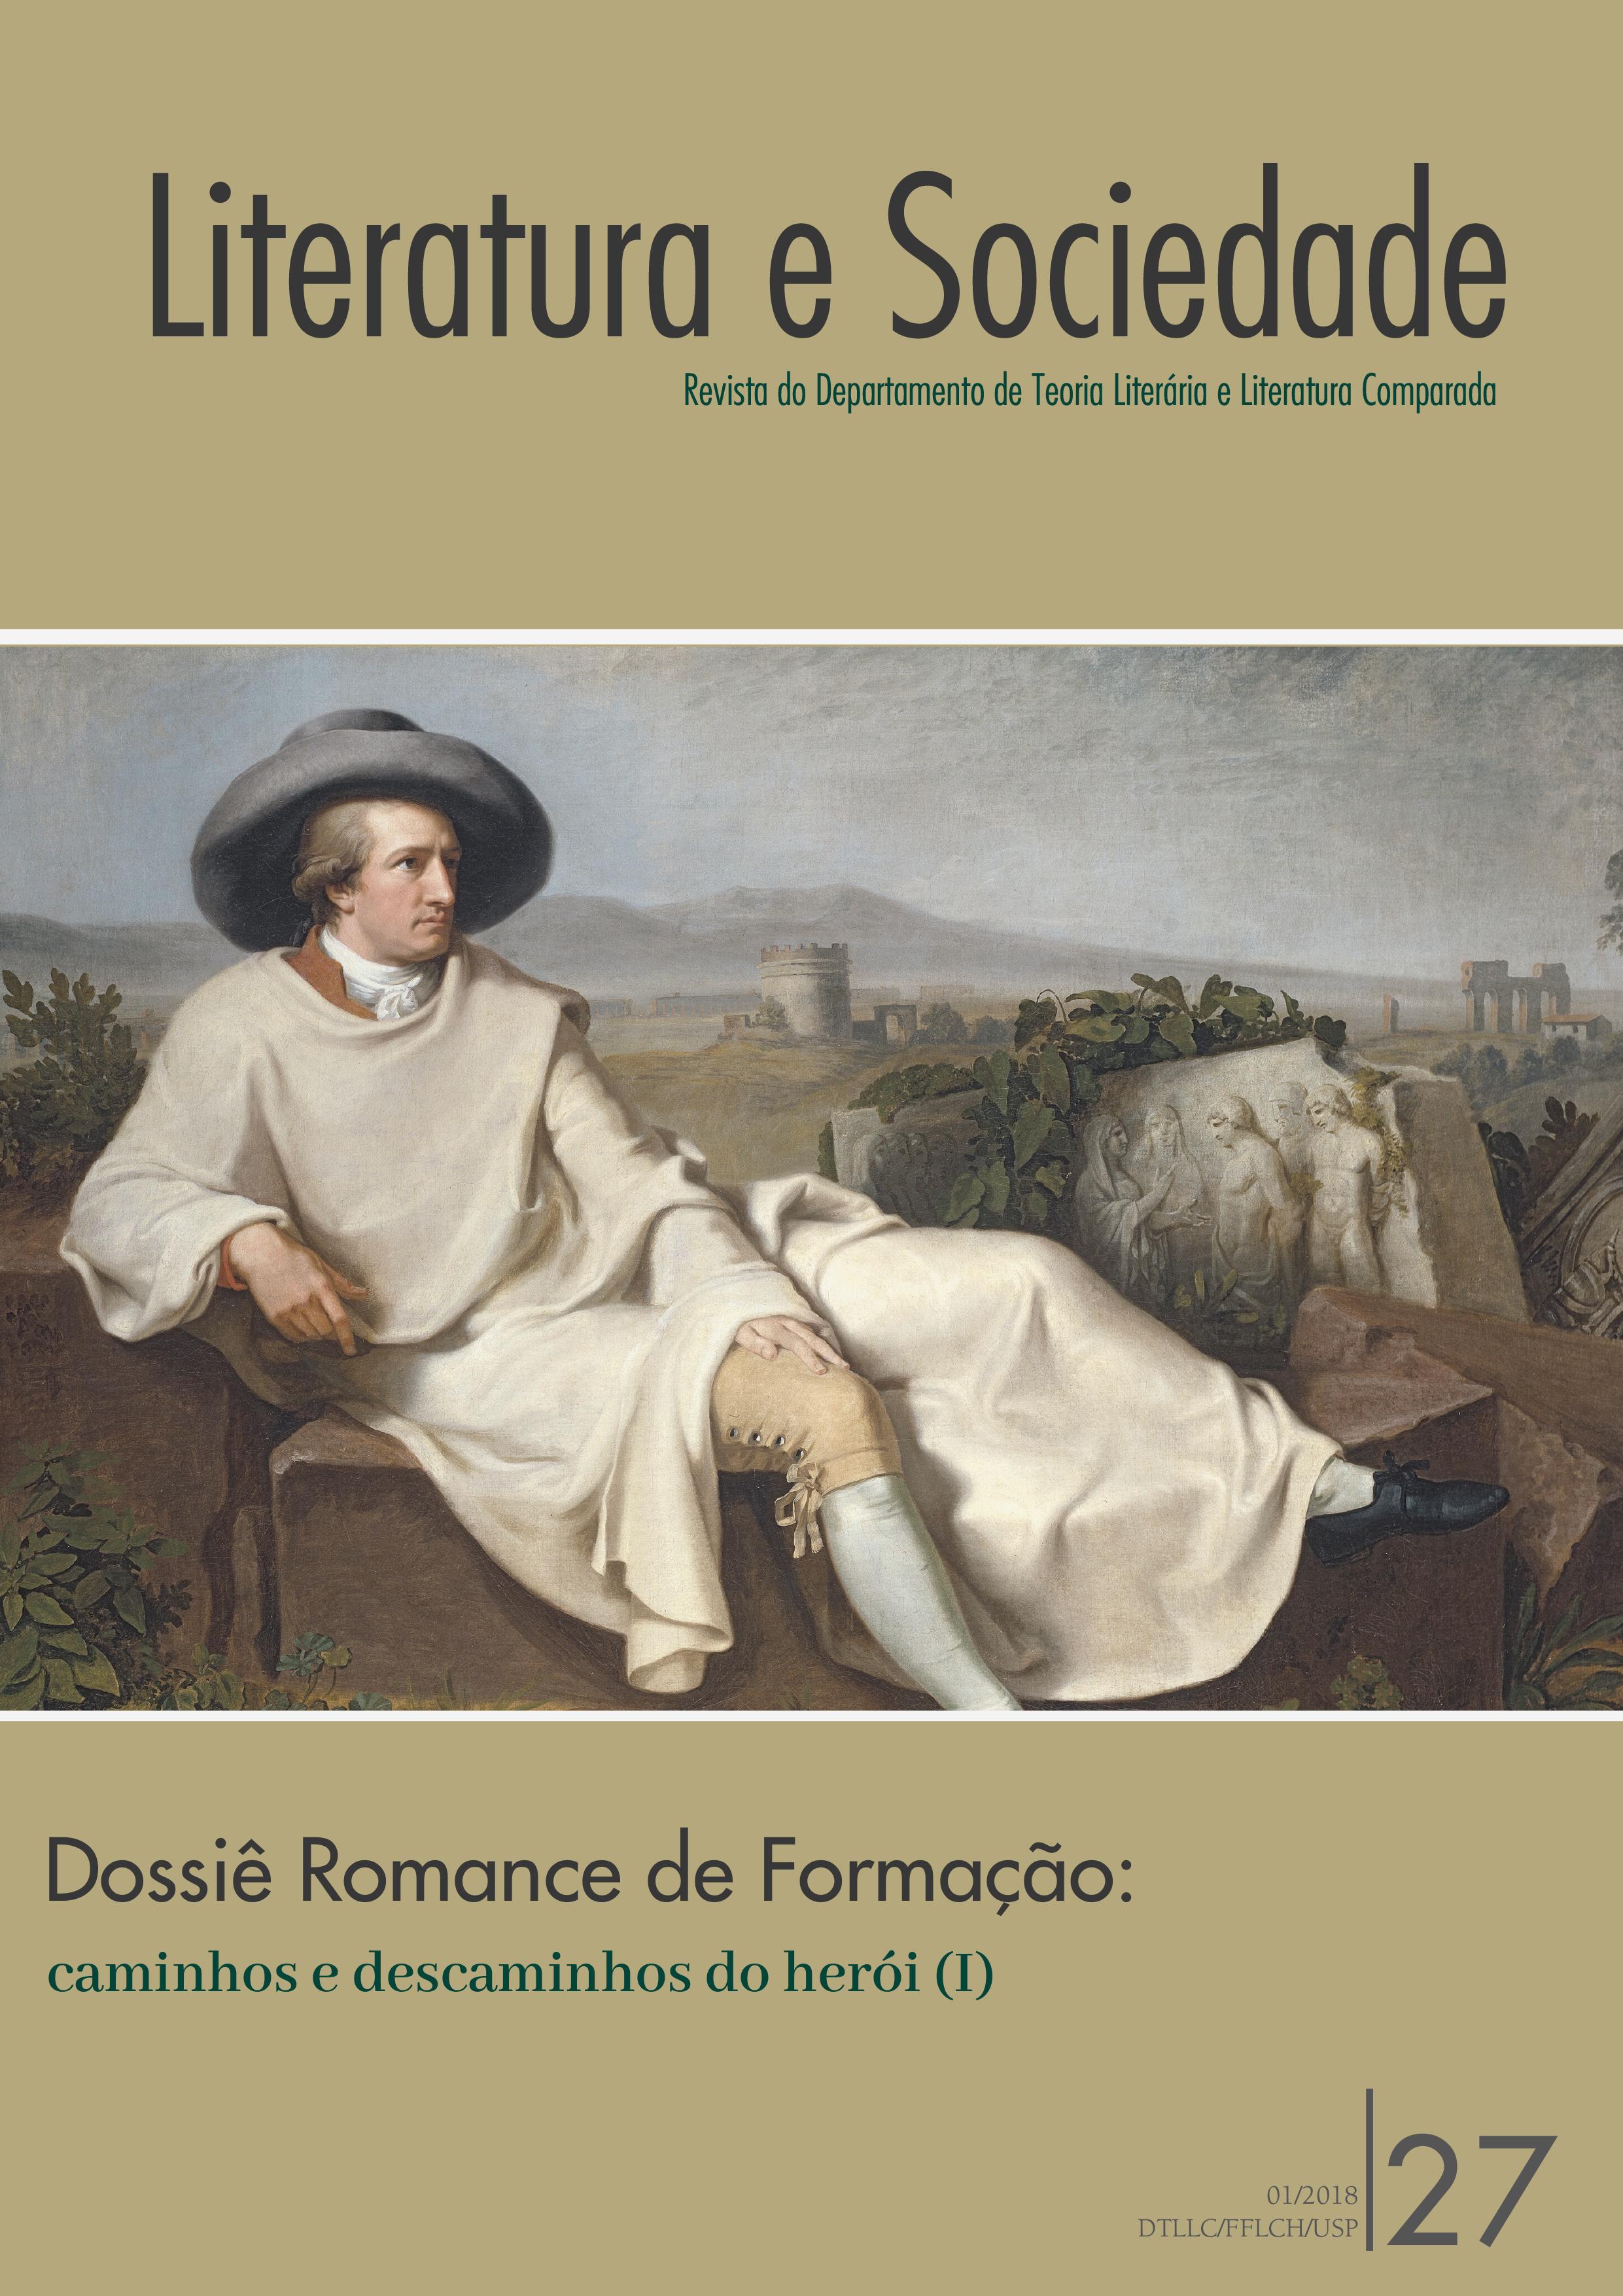 Capa Dossiê Romance de Formação: caminhos e descaminhos do herói (I)Dossiê Romance de Formação: caminhos e descaminhos do herói (I), com pintura imagem central de pintura de Johann Heinrich Wilhelm Tischbein, de  de 1787, uma representação de Goethe em sua Campanha Romana, como ficou conhecida sua famosa viagem pela Itália.